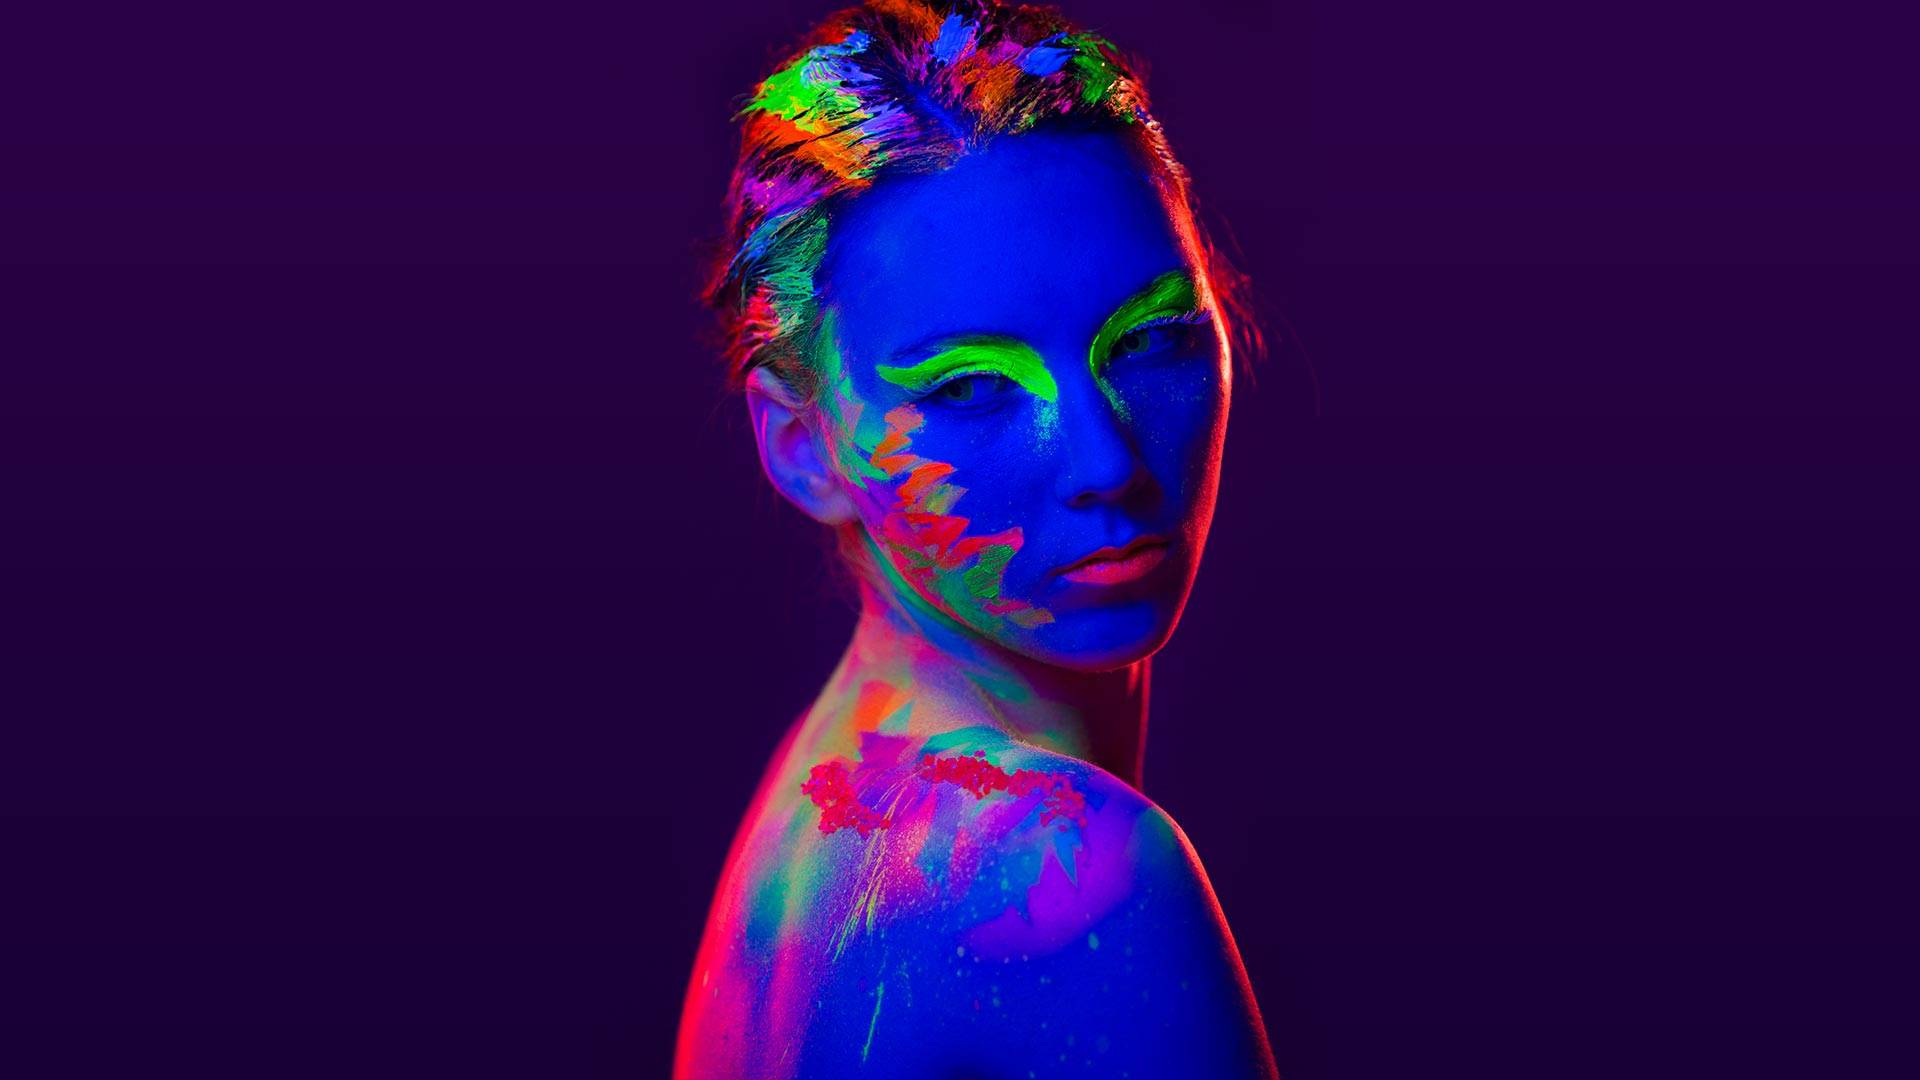 Vibrant Glow In The Dark Makeup Look